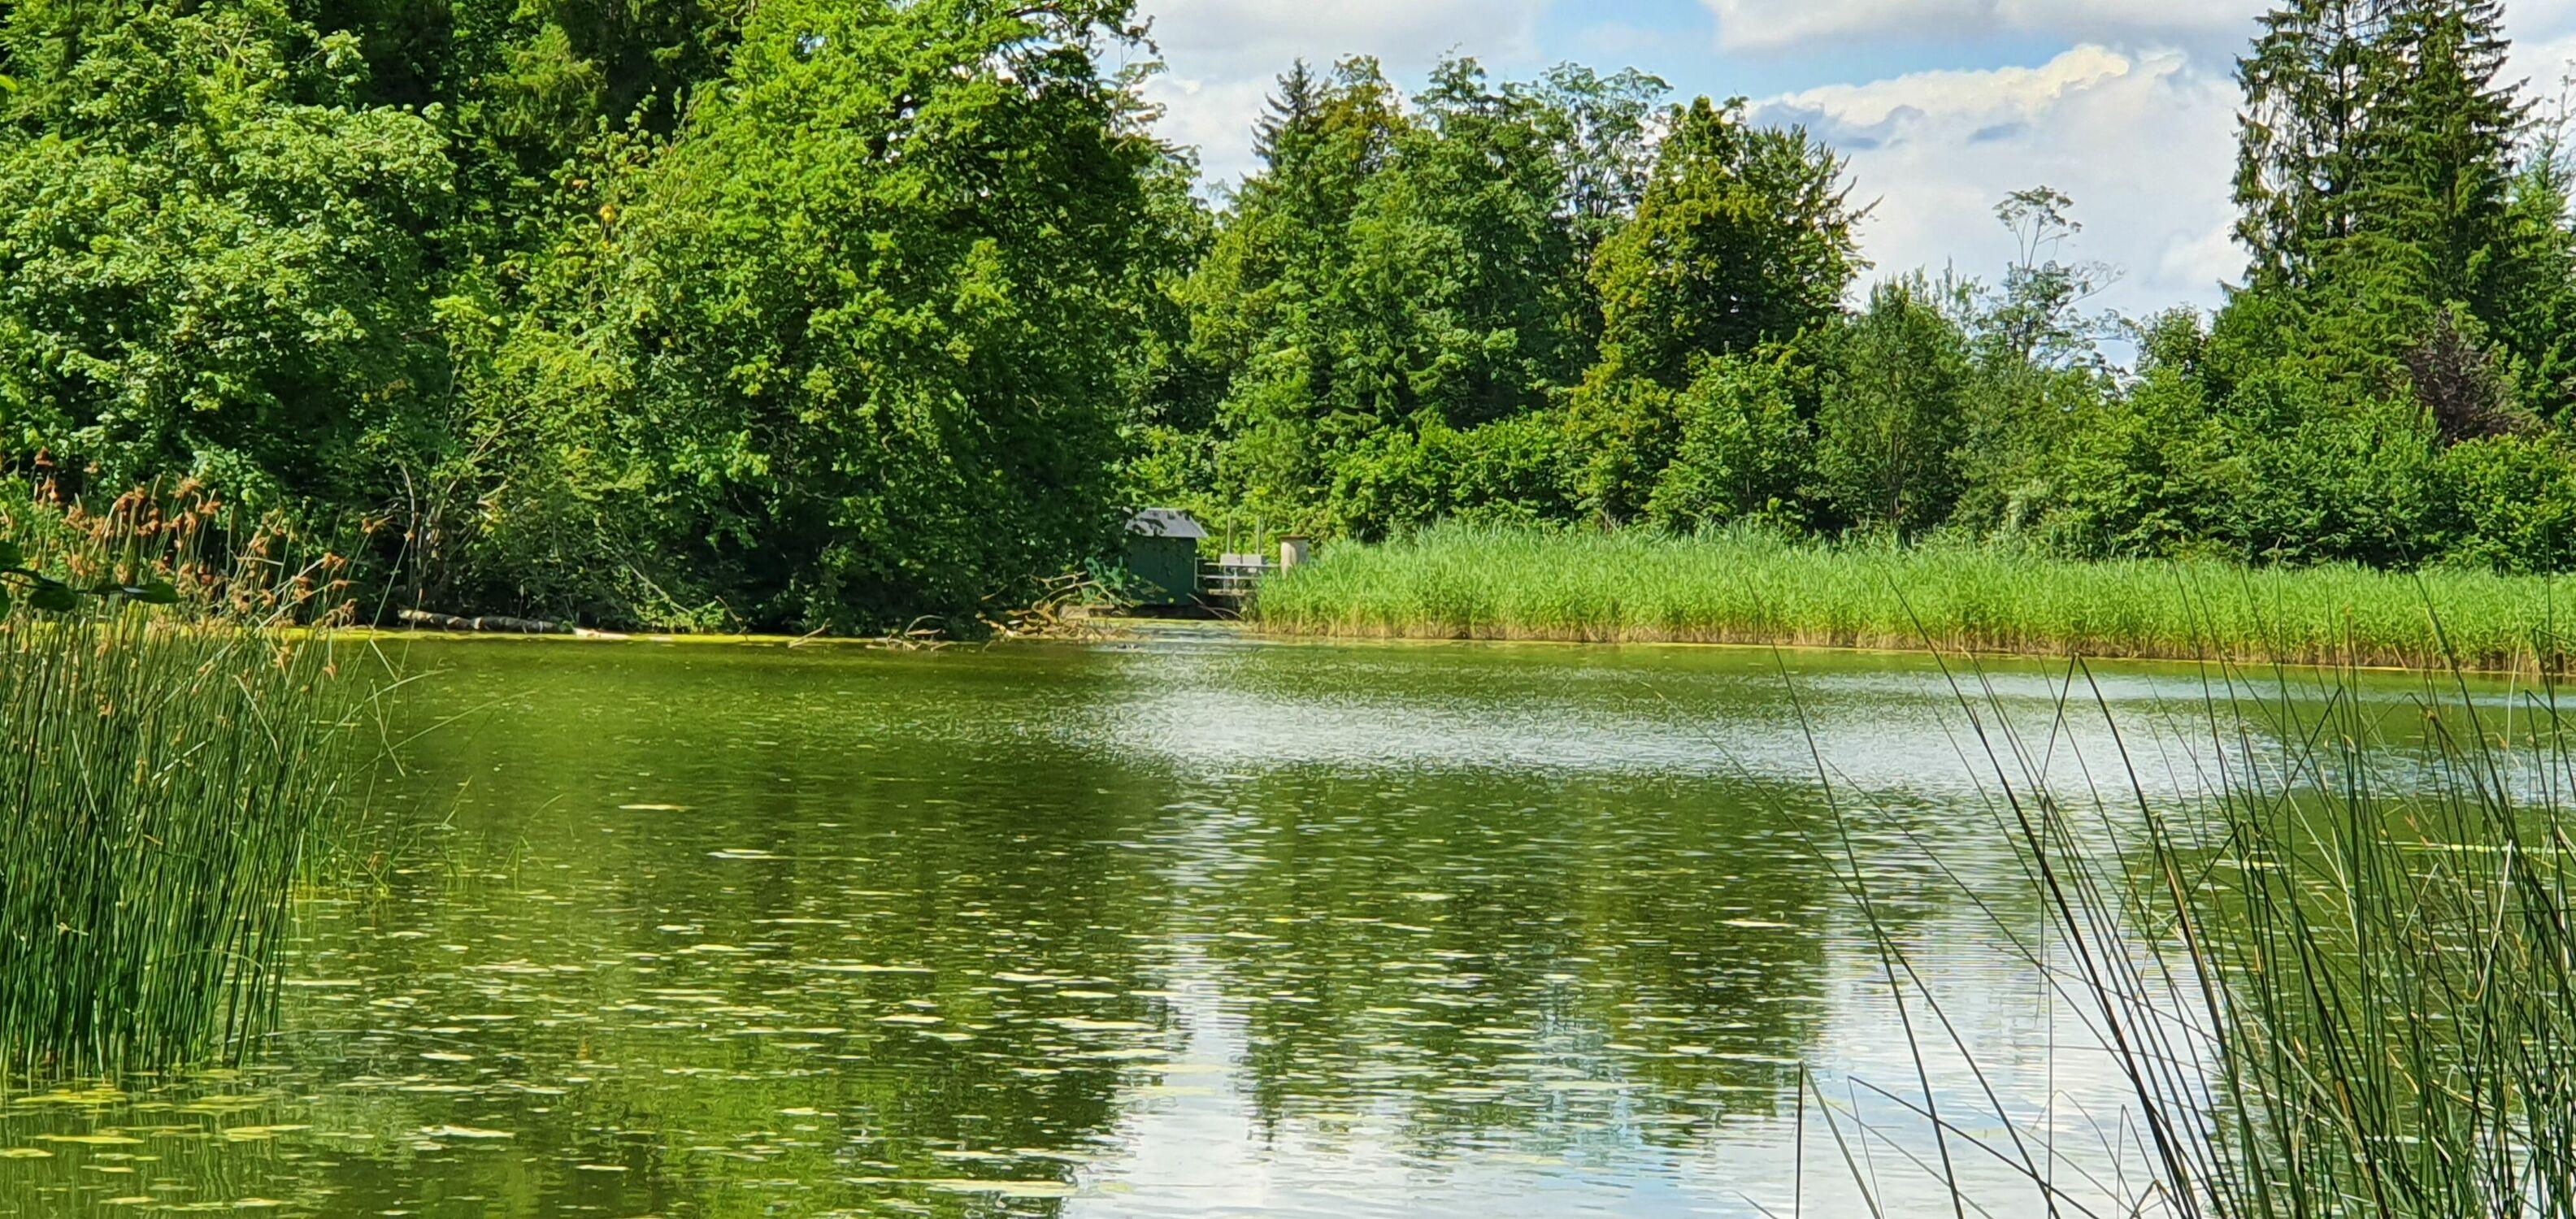 Bild mit Natur, Wasser, Grün, Gewässer, Seeblick, See, Sumpfmoor